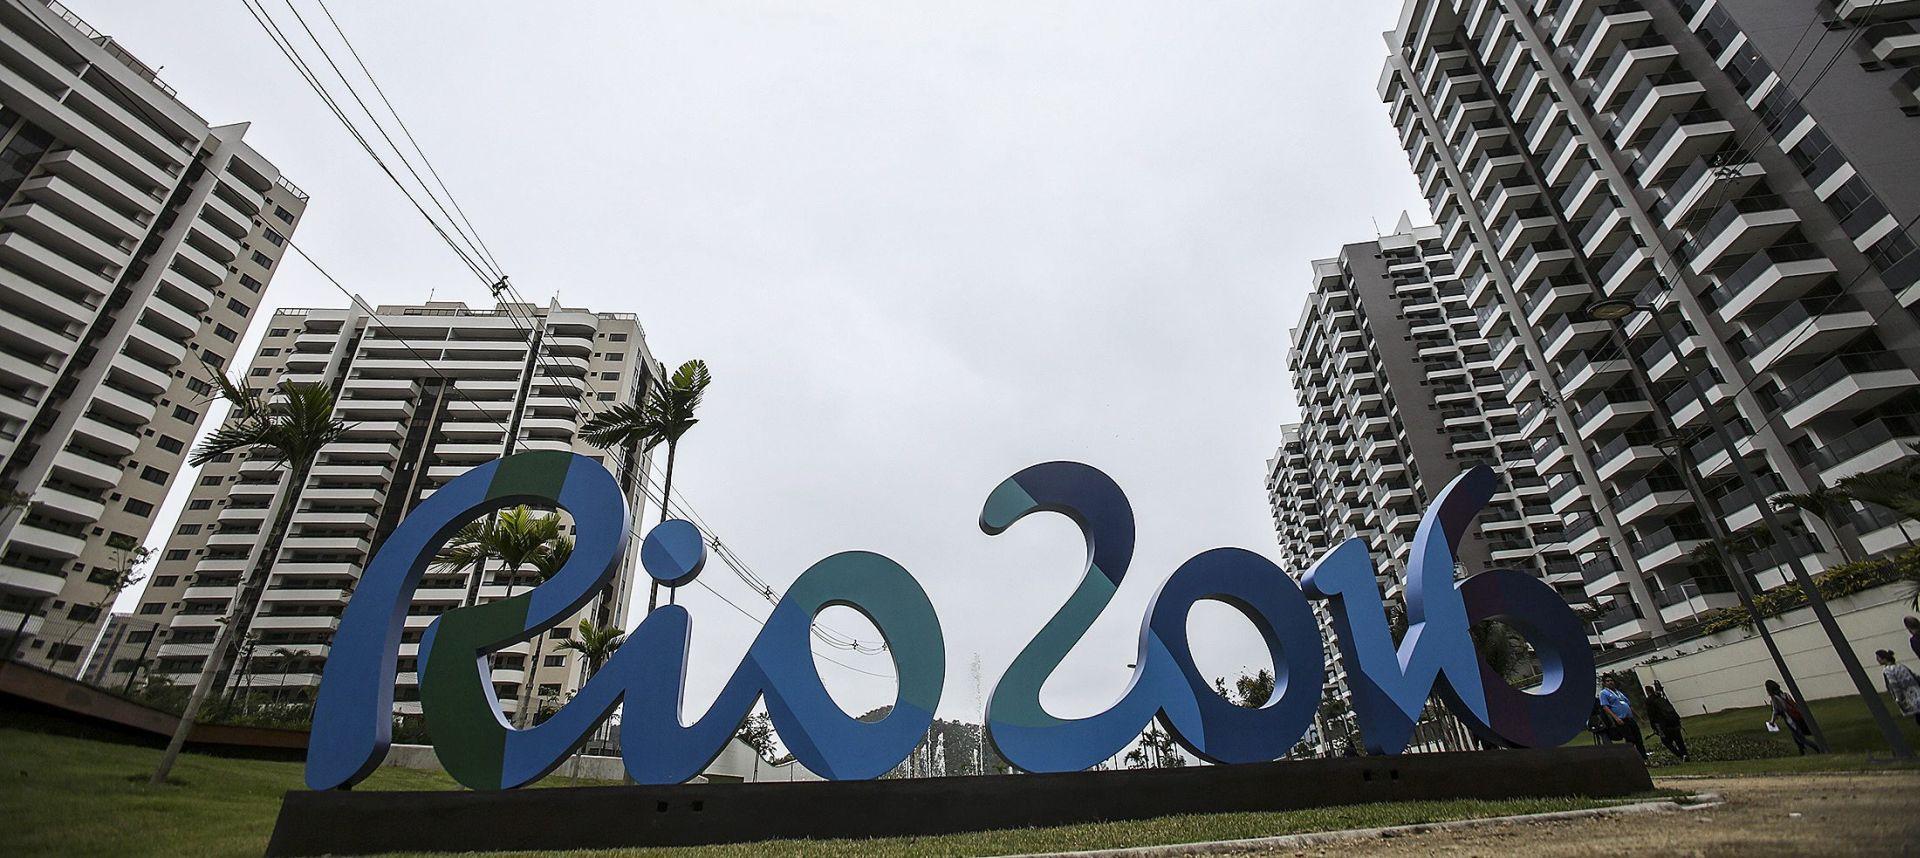 OI Rio: Hrvatska 16. na ljestvici medalja nakon šest dana